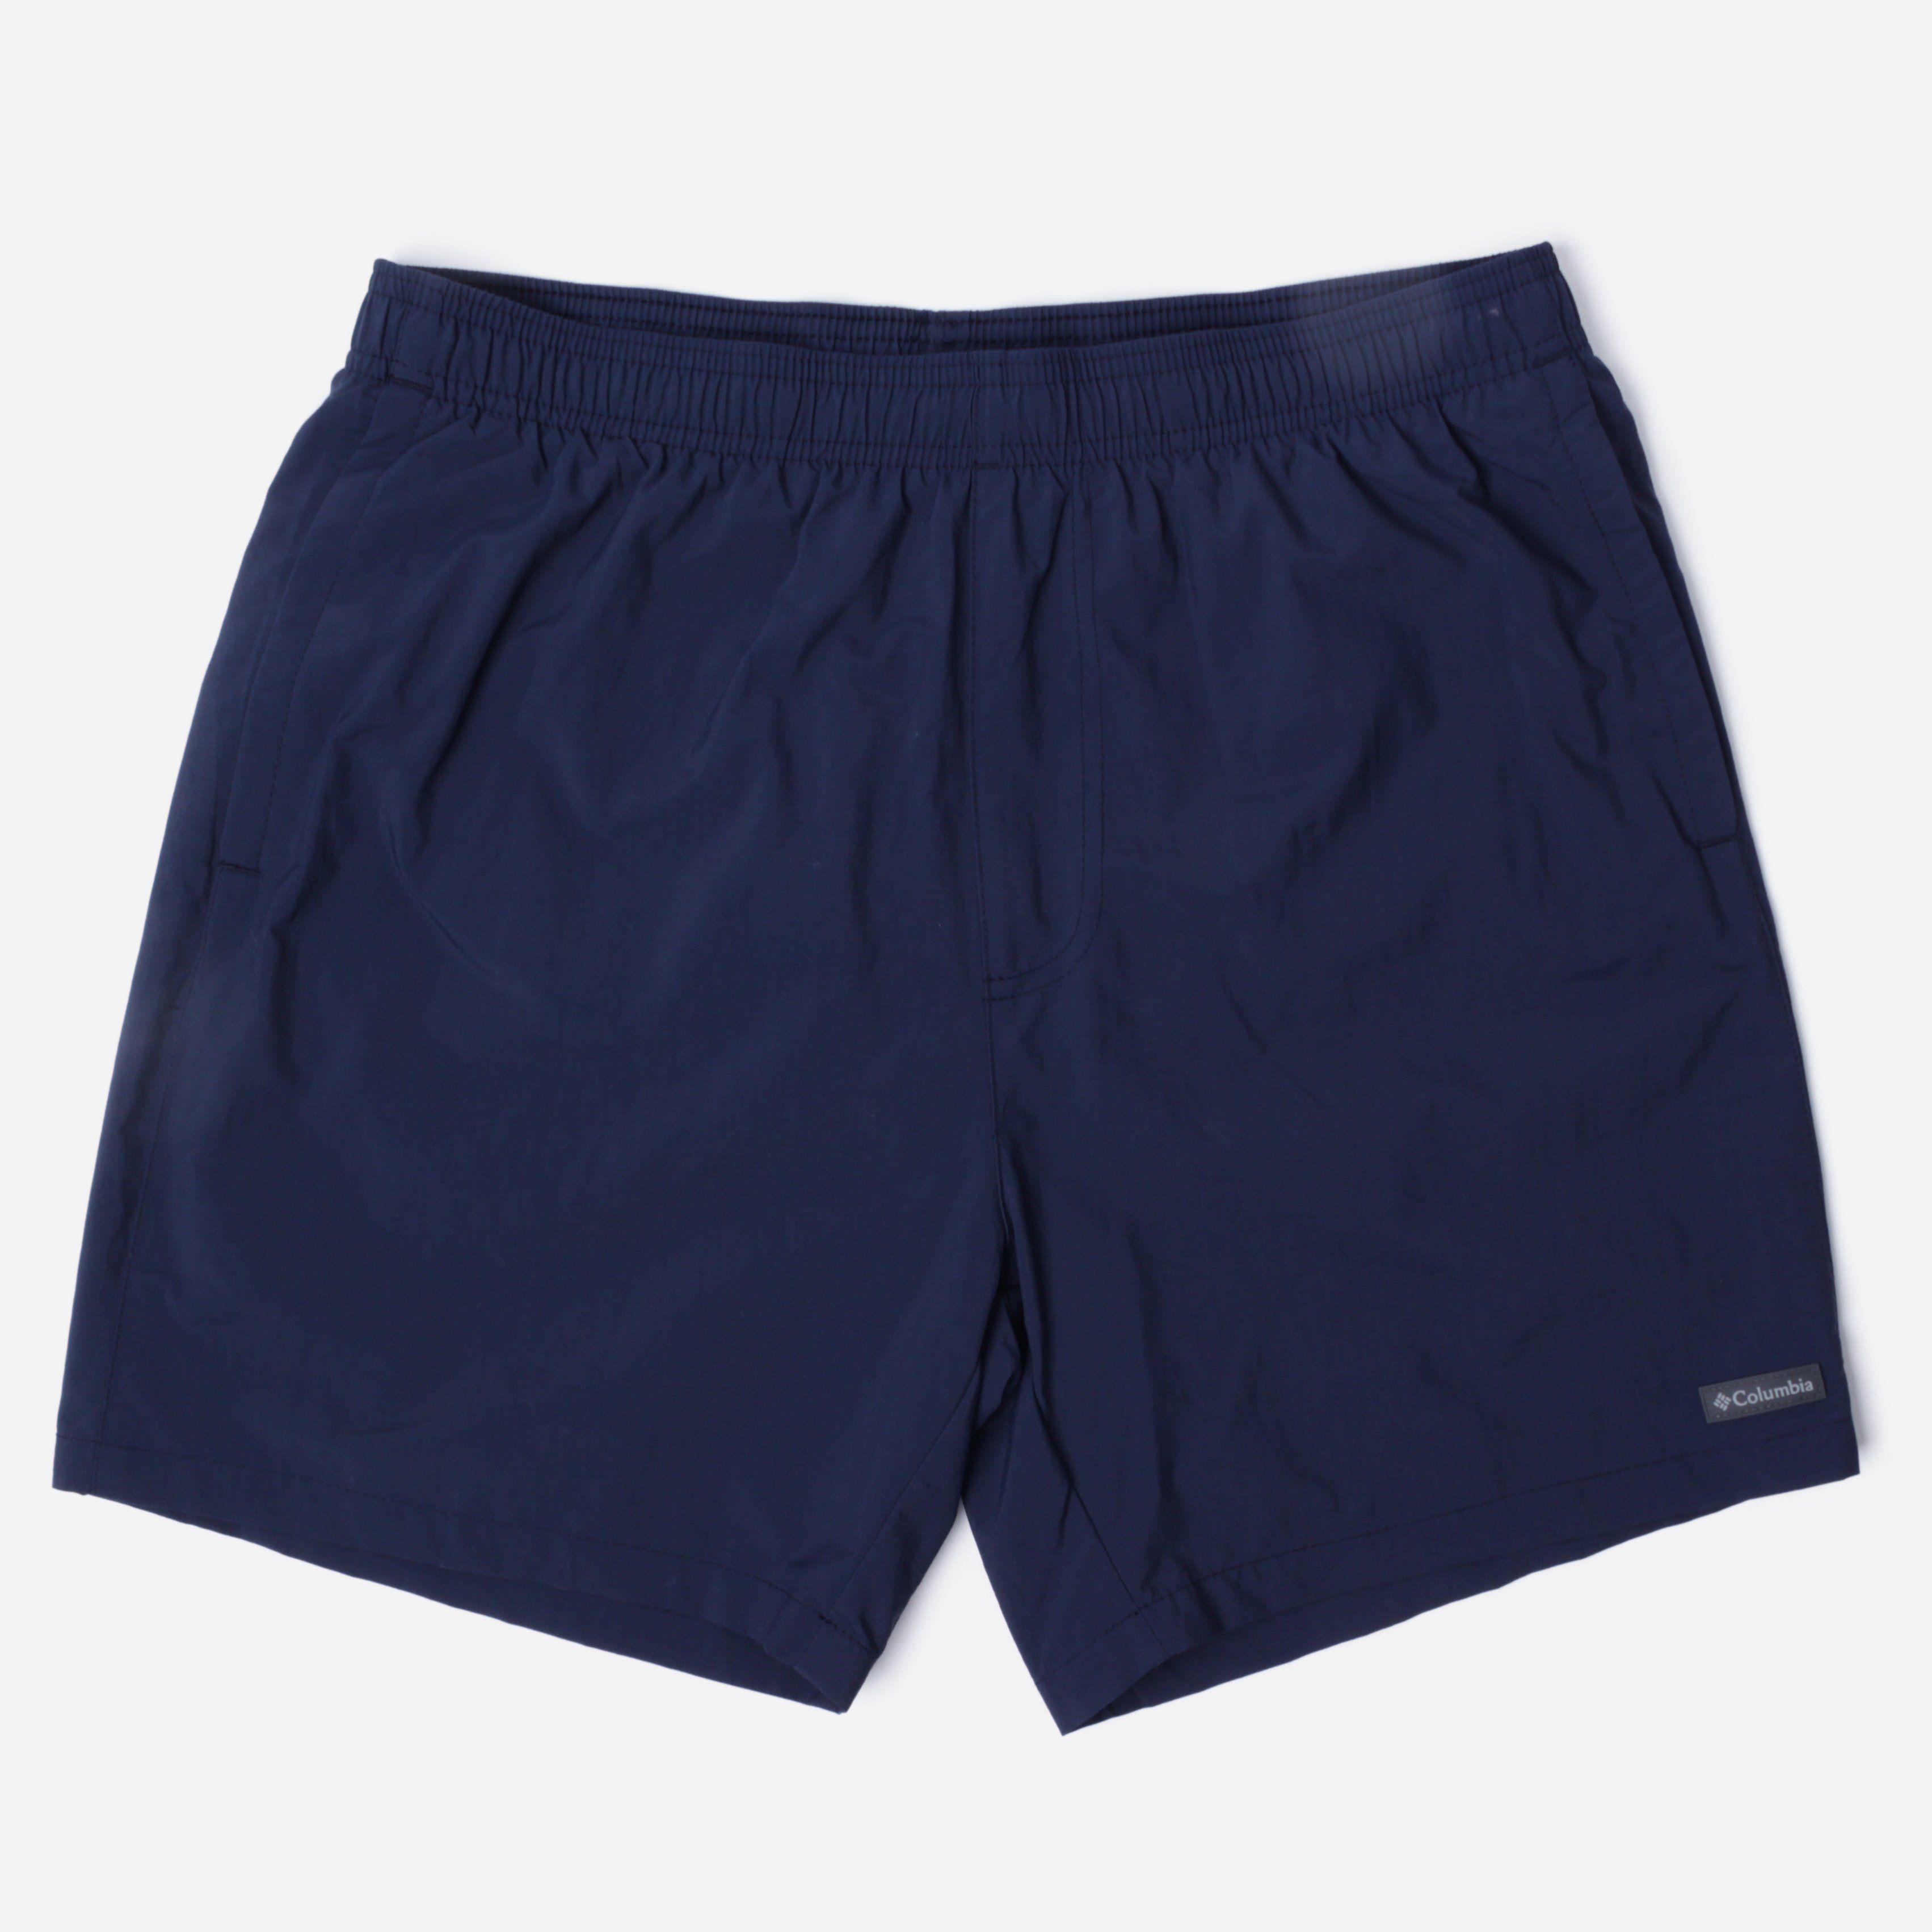 Columbia Roatan Drifter Water Shorts